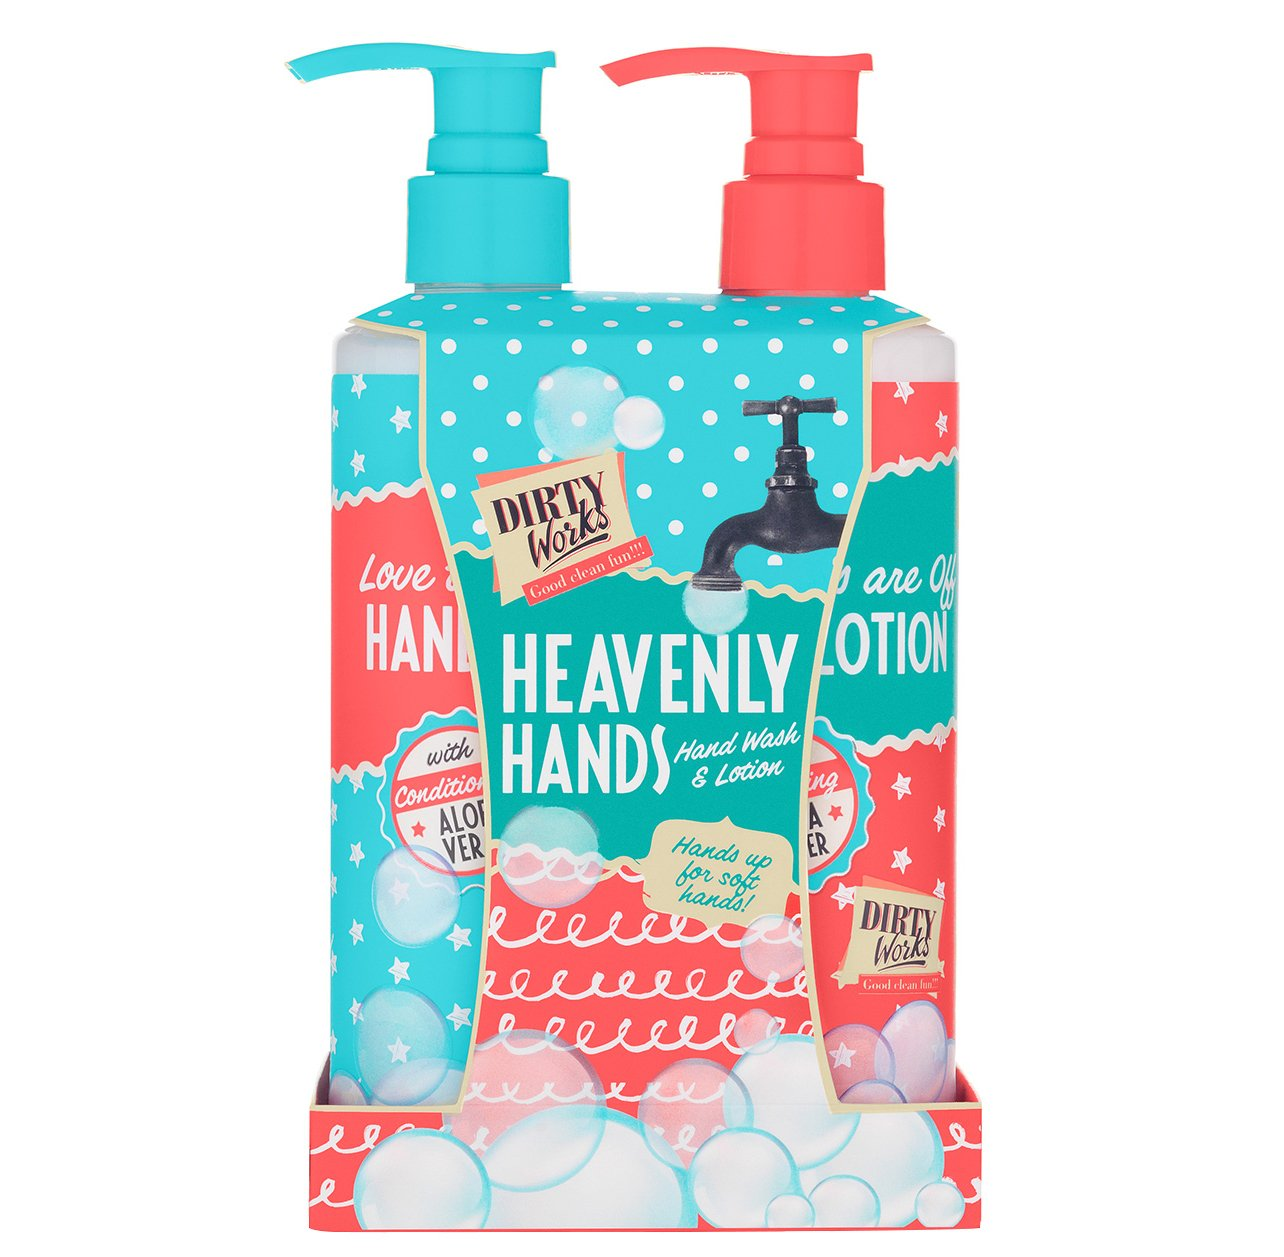 Dirty Works Heavenly Hands Σαπούνι & Λοσιόν για την Περιποίηση των Χέριων 2x250ml